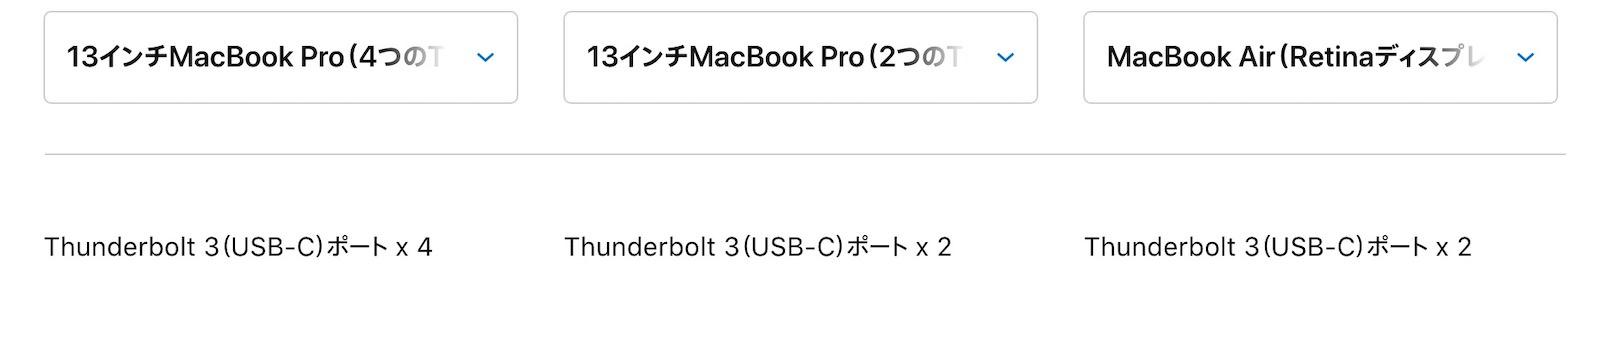 MacBook-series-ports.jpg